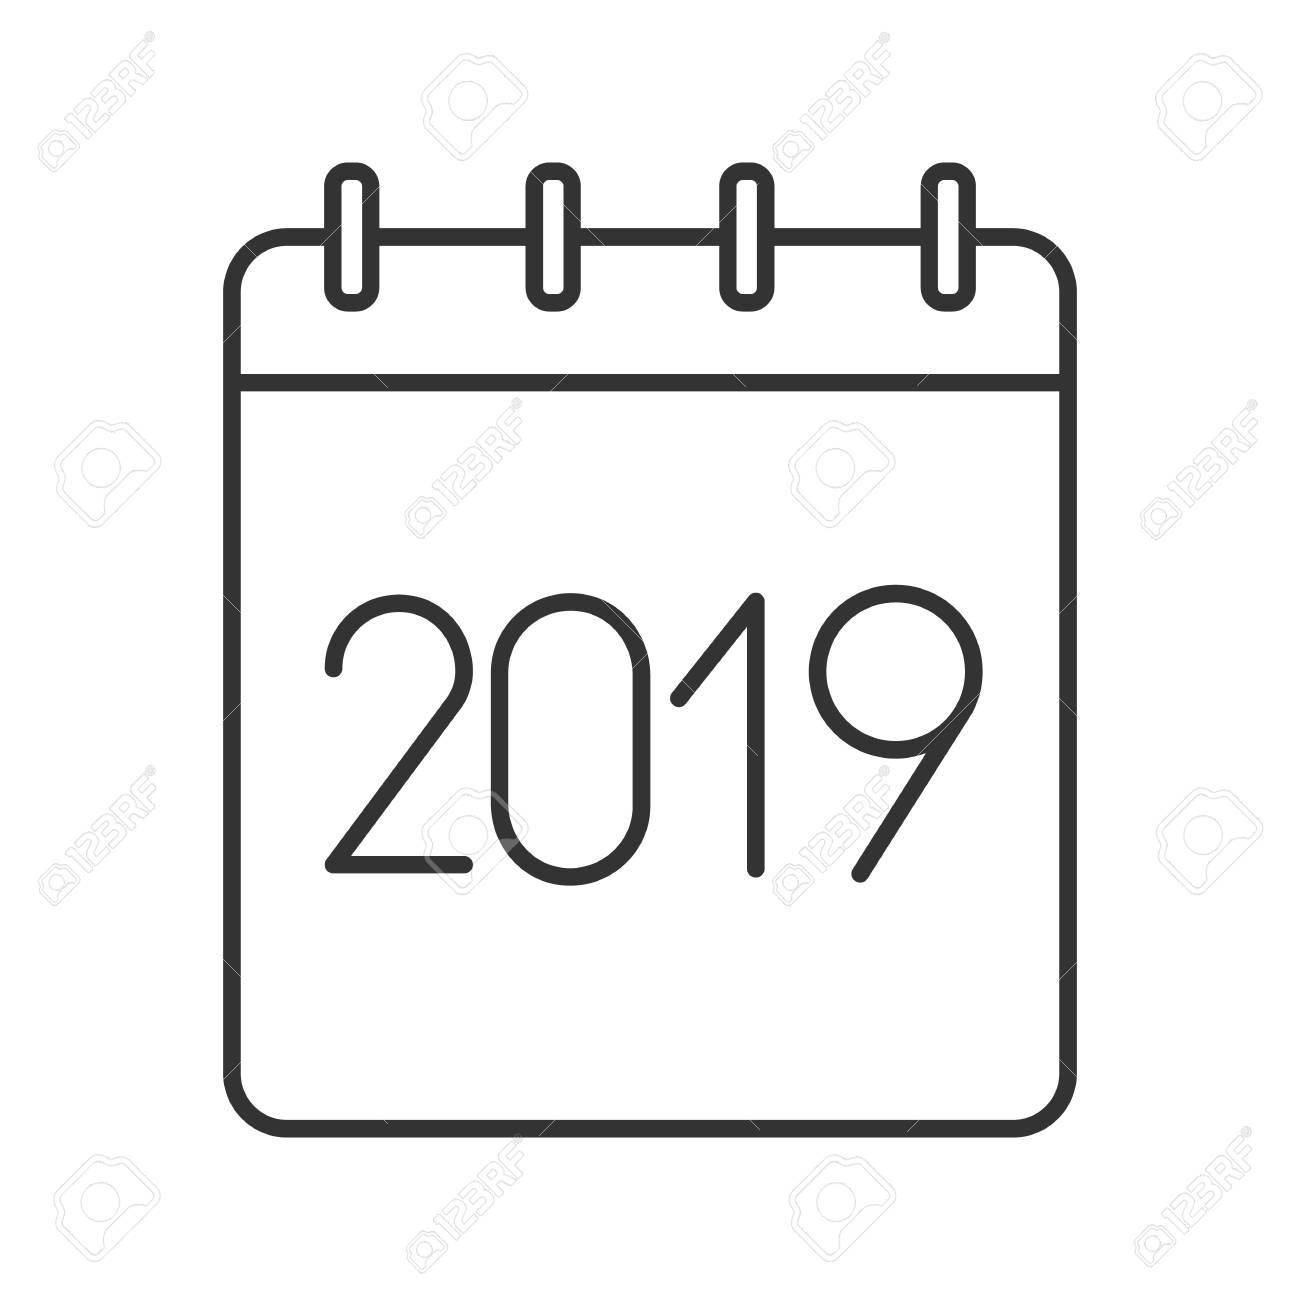 Calendario Dibujo 2019.2019 Calendario Anual Icono Lineal Ilustracion De Linea Delgada Calendario Anual Con Signo De 2019 Simbolo De Contorno Dibujo De Contorno Aislado